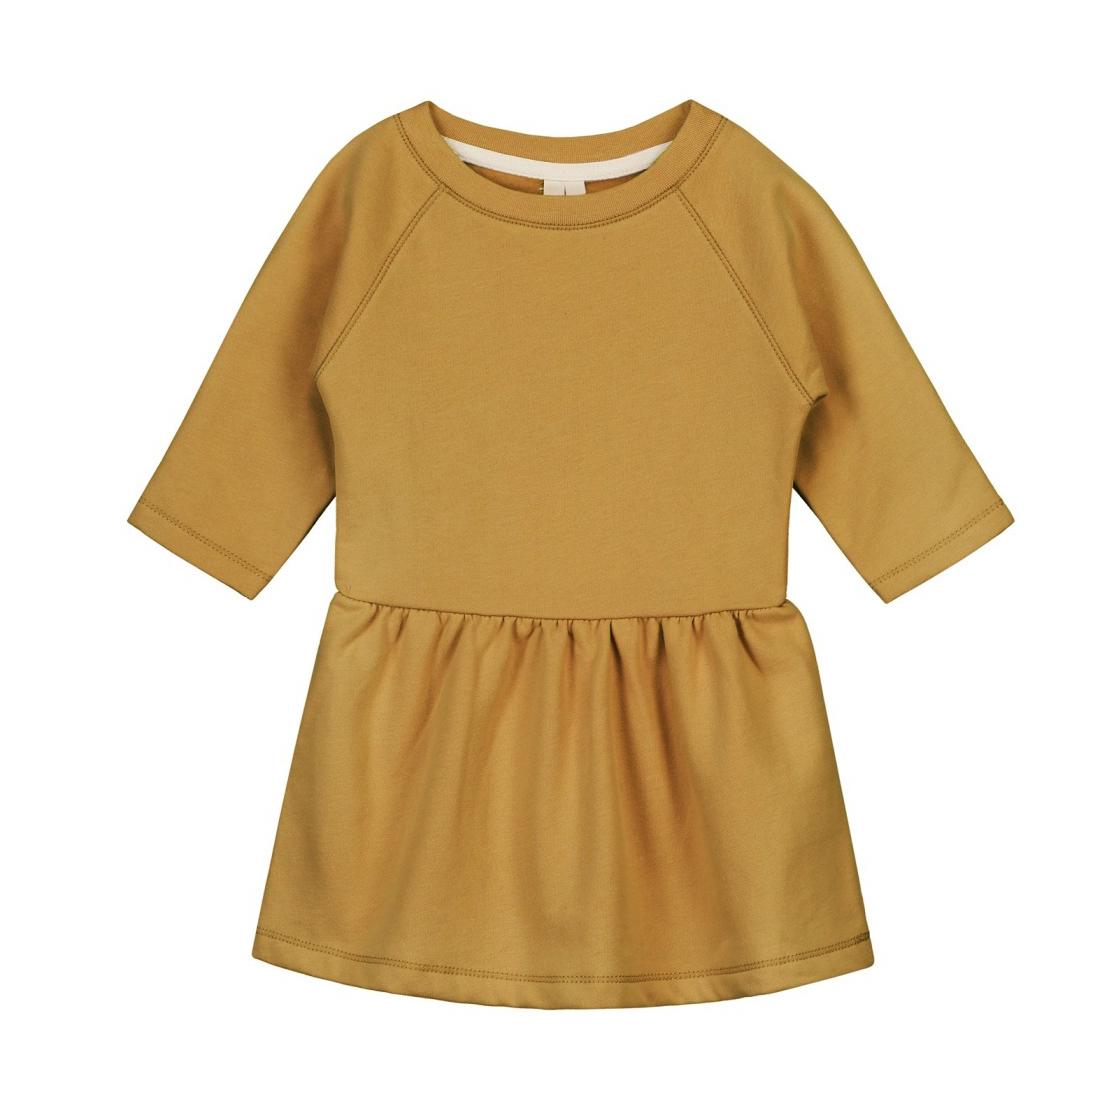 robe-coton-bio-moutarde-grey-label